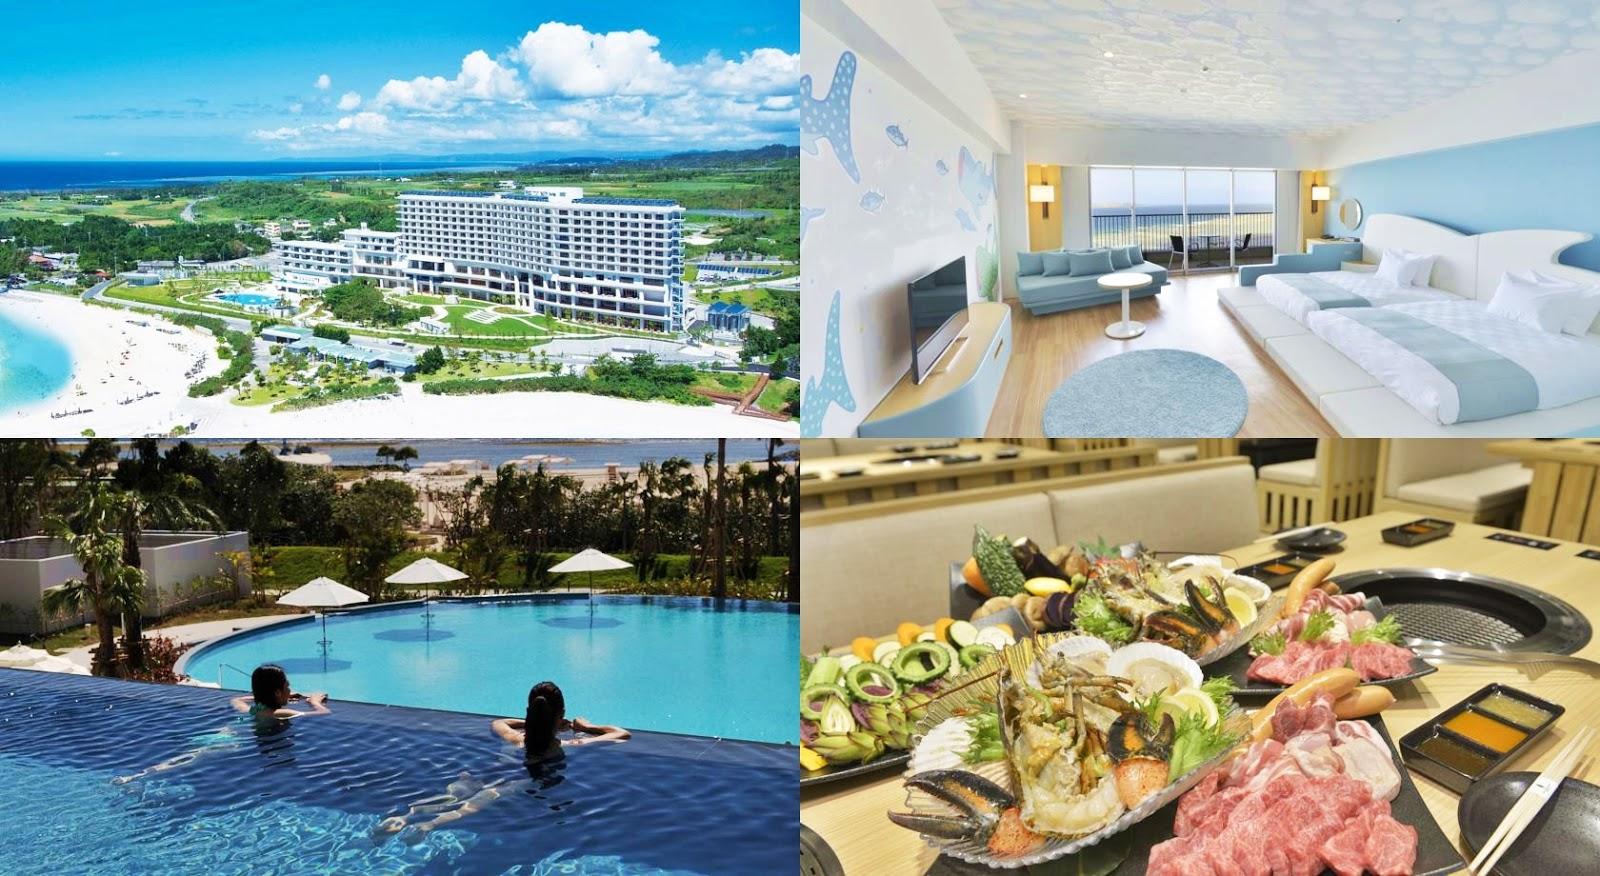 沖繩-沖繩住宿-推薦-沖繩飯店-沖繩旅館-沖繩民宿-沖繩公寓-沖繩酒店住宿-住宿-沖繩必住住宿-奧利安酒店本部度假村-Hotel-Orion-Motobu-Resort&Spa-Okinawa-hotel-recommendation